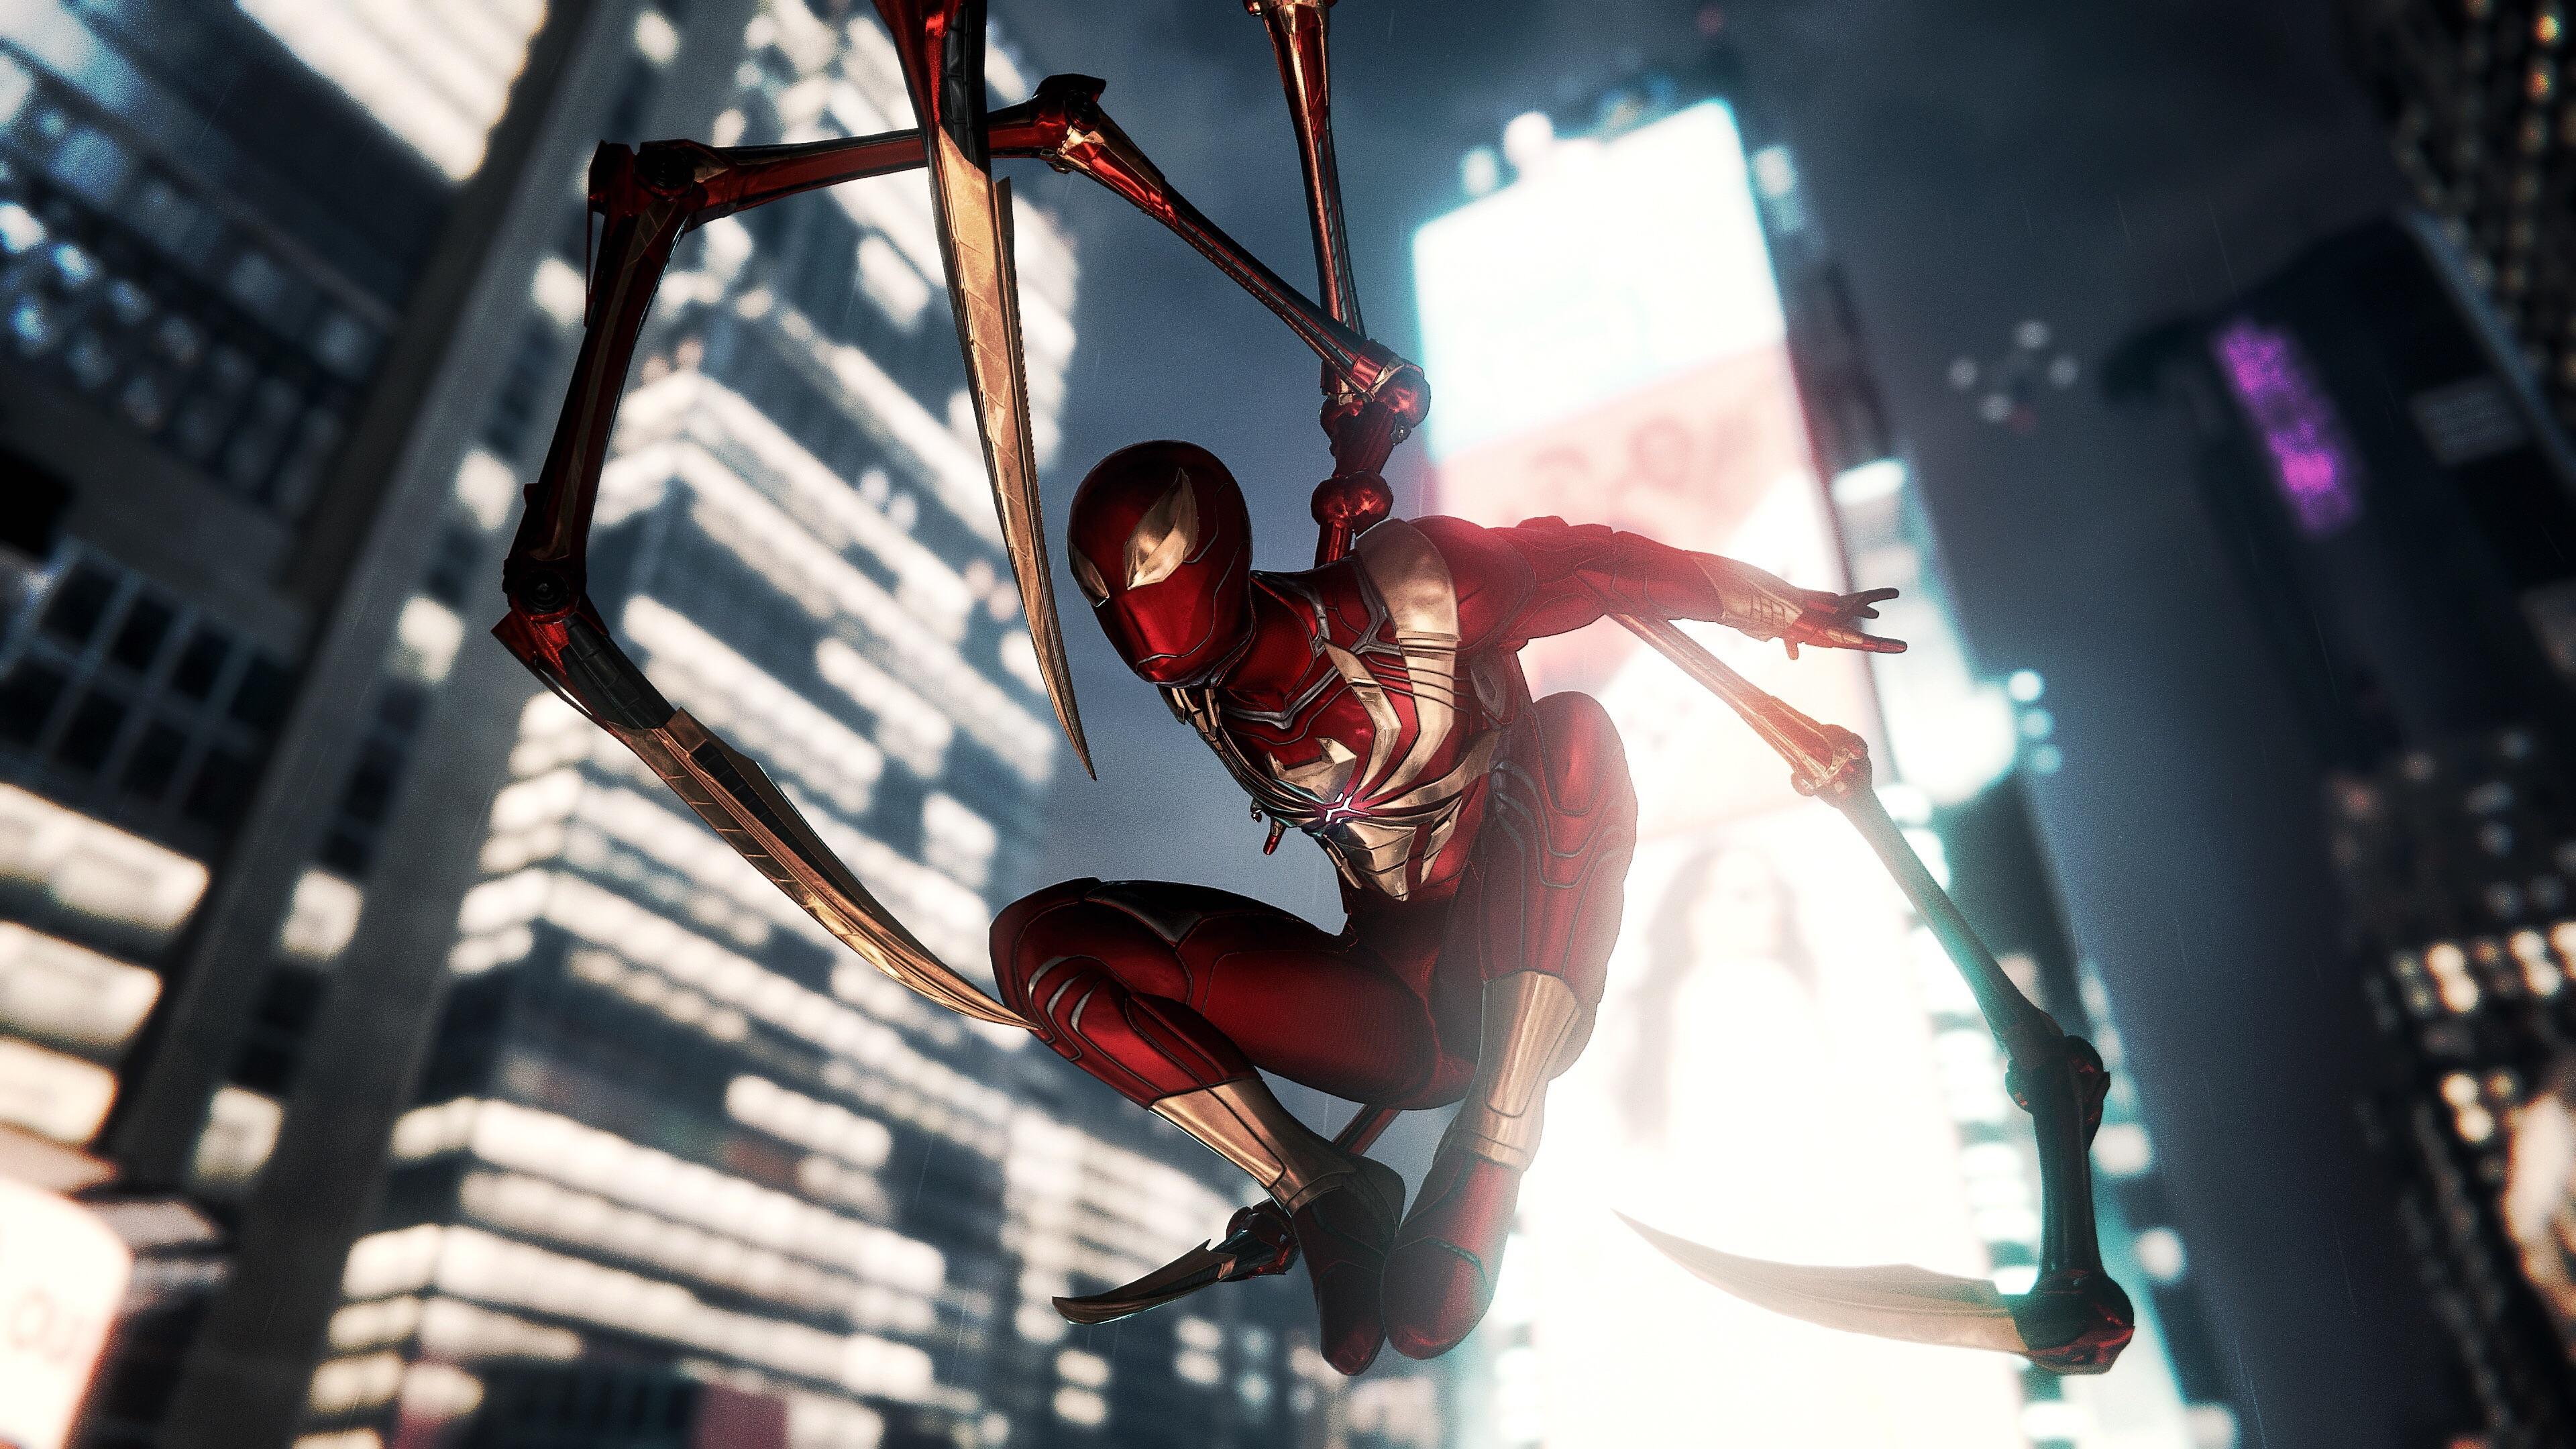 Iron Spider 4k Ultra Hd Wallpaper Hintergrund 3840x2160